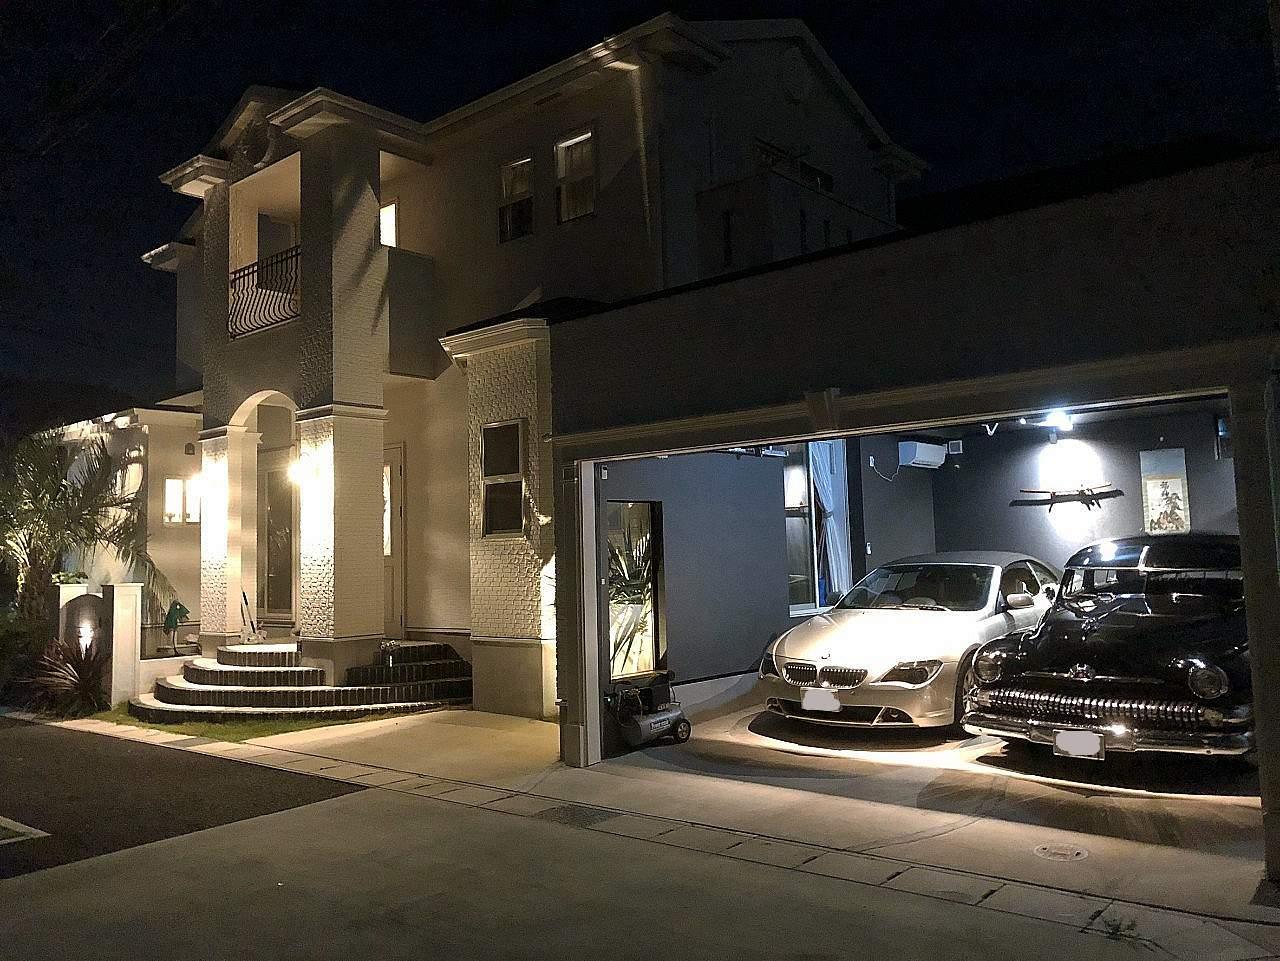 一宮市ガレージの夜景画像